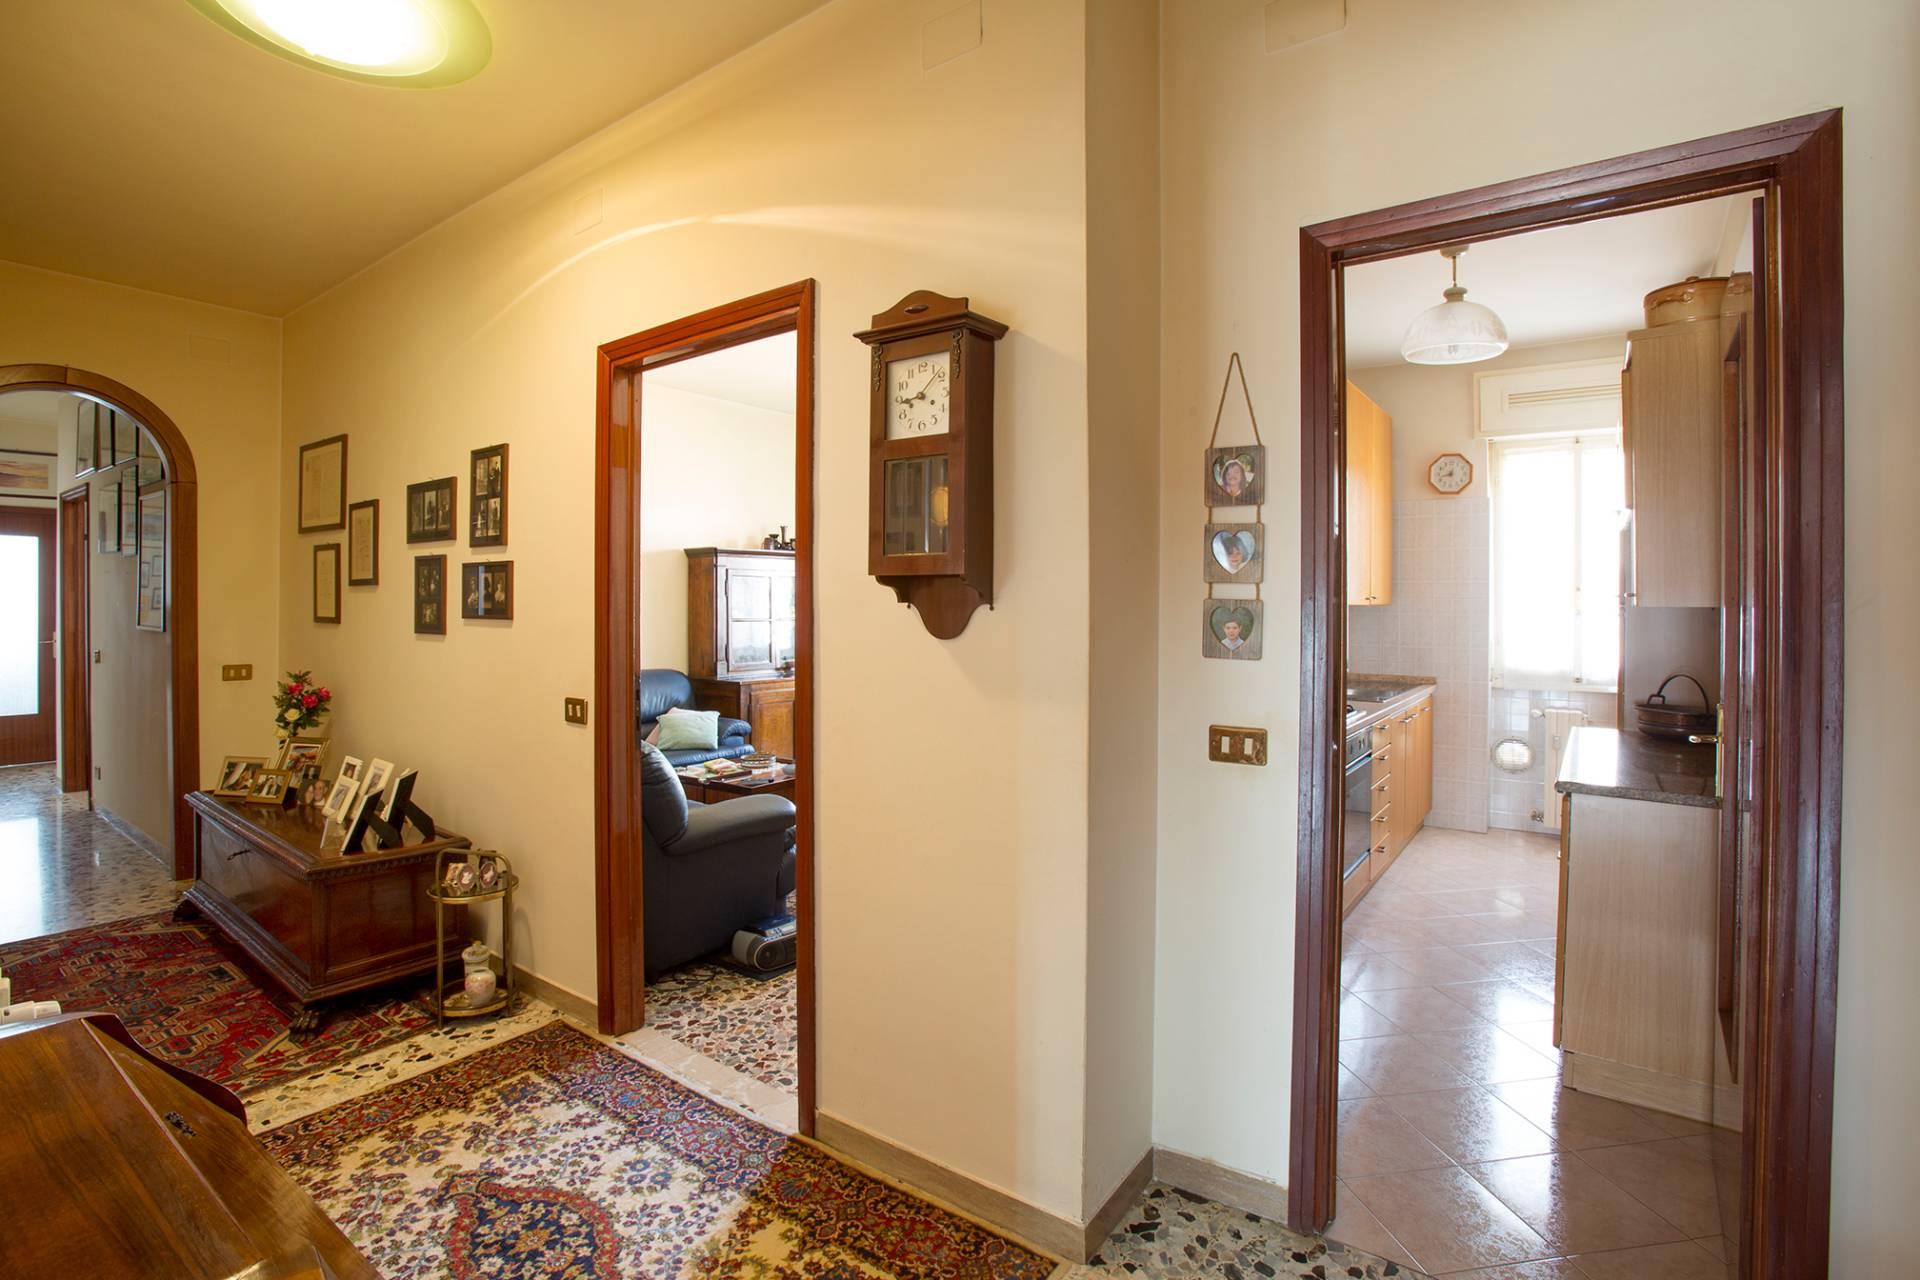 Appartamento in vendita a Lumezzane, 3 locali, zona Località: LumezzaneSanSebastiano, prezzo € 82.000   CambioCasa.it